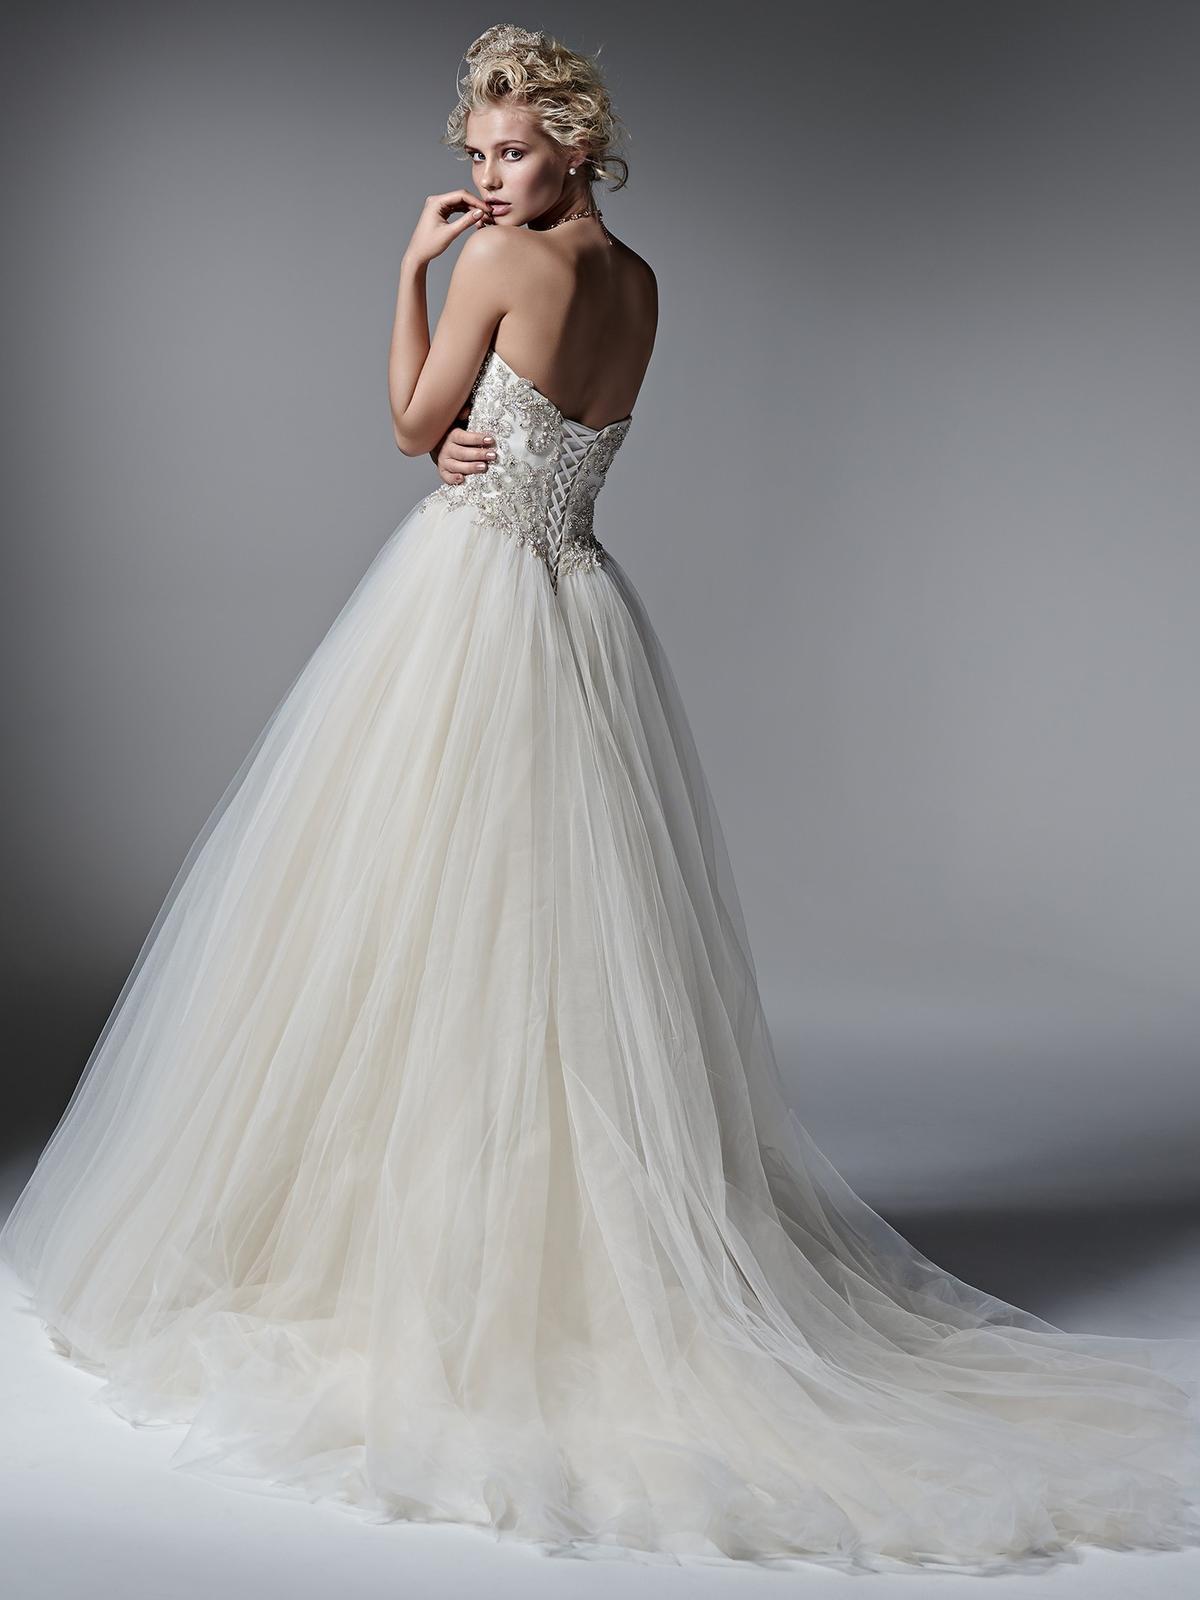 Pôvabné a luxusne pôsobiace svadobné šaty LAYLA prestížnej značky Sottero&Midgley na Vás čakajú v salóne Diamond v ŽILINE ;) - Obrázok č. 2